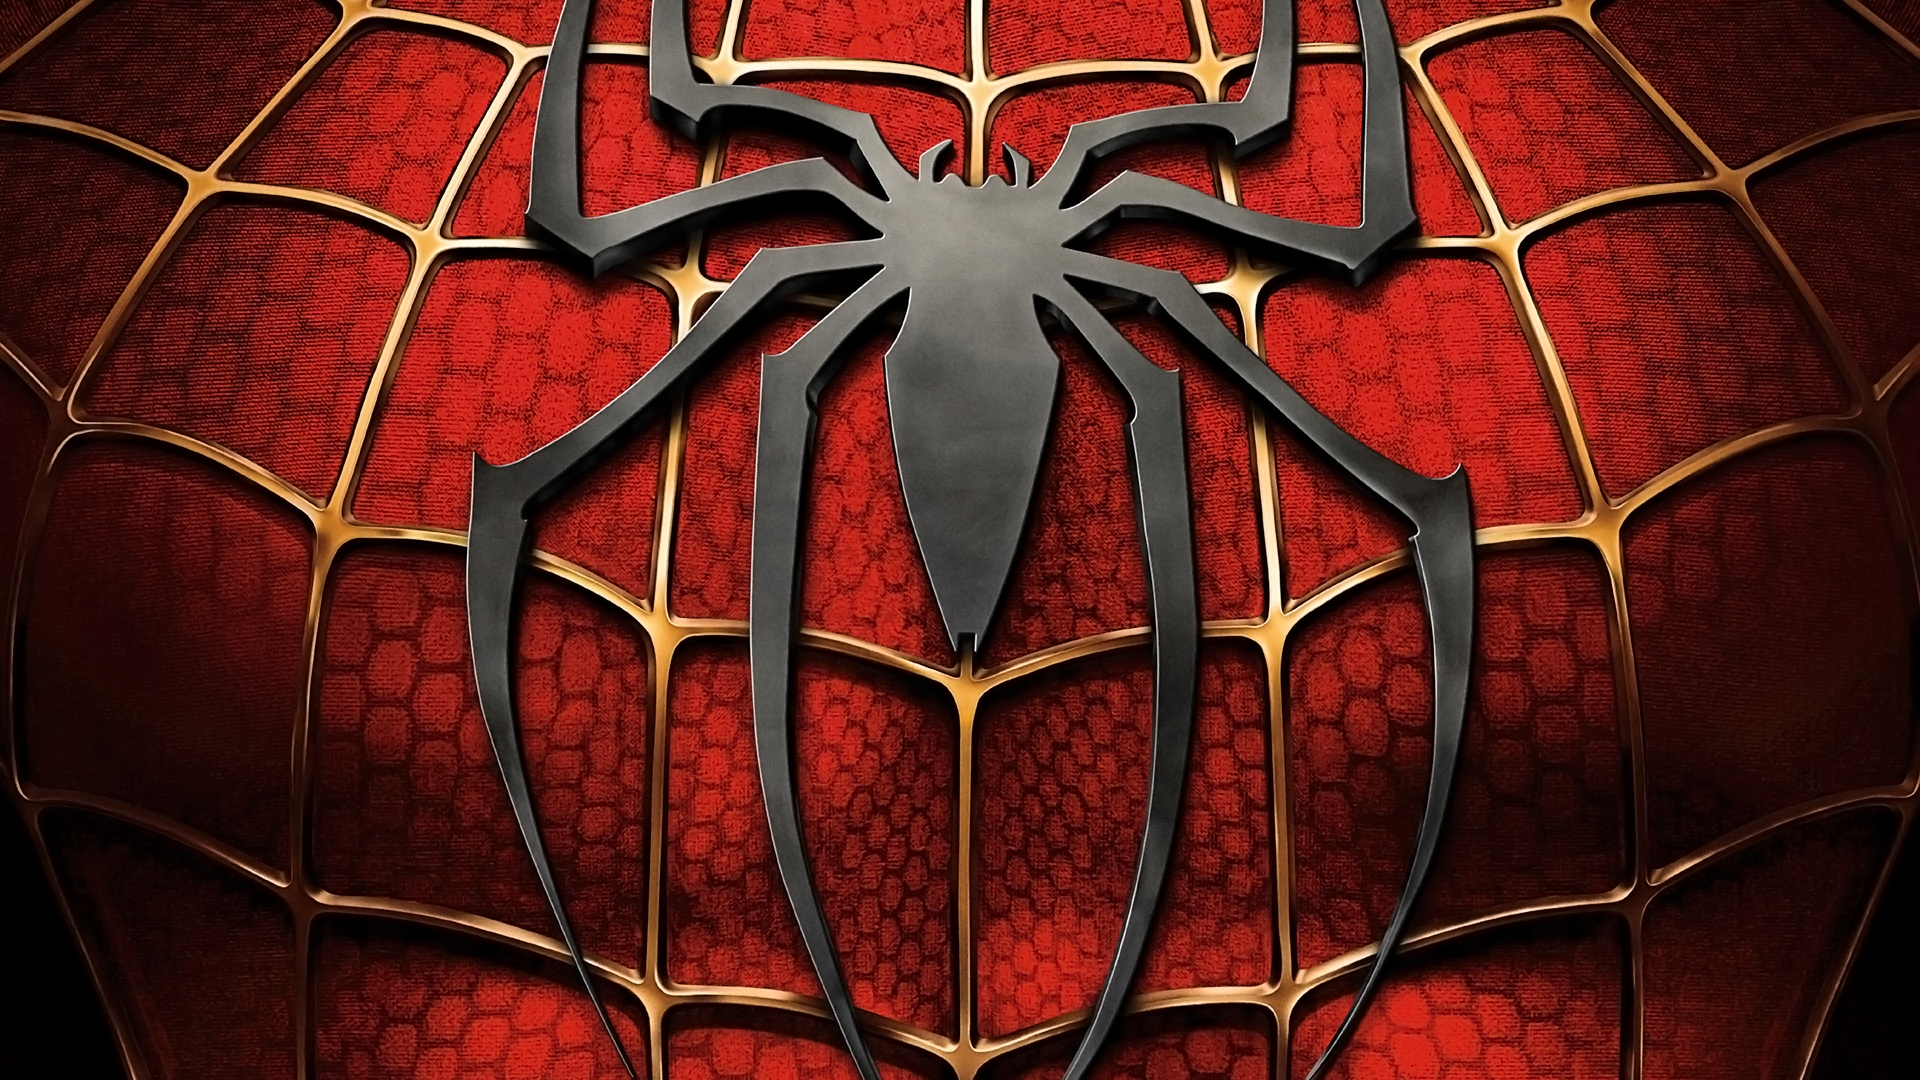 Wallpapers de spiderman en full hd - Images de spiderman ...